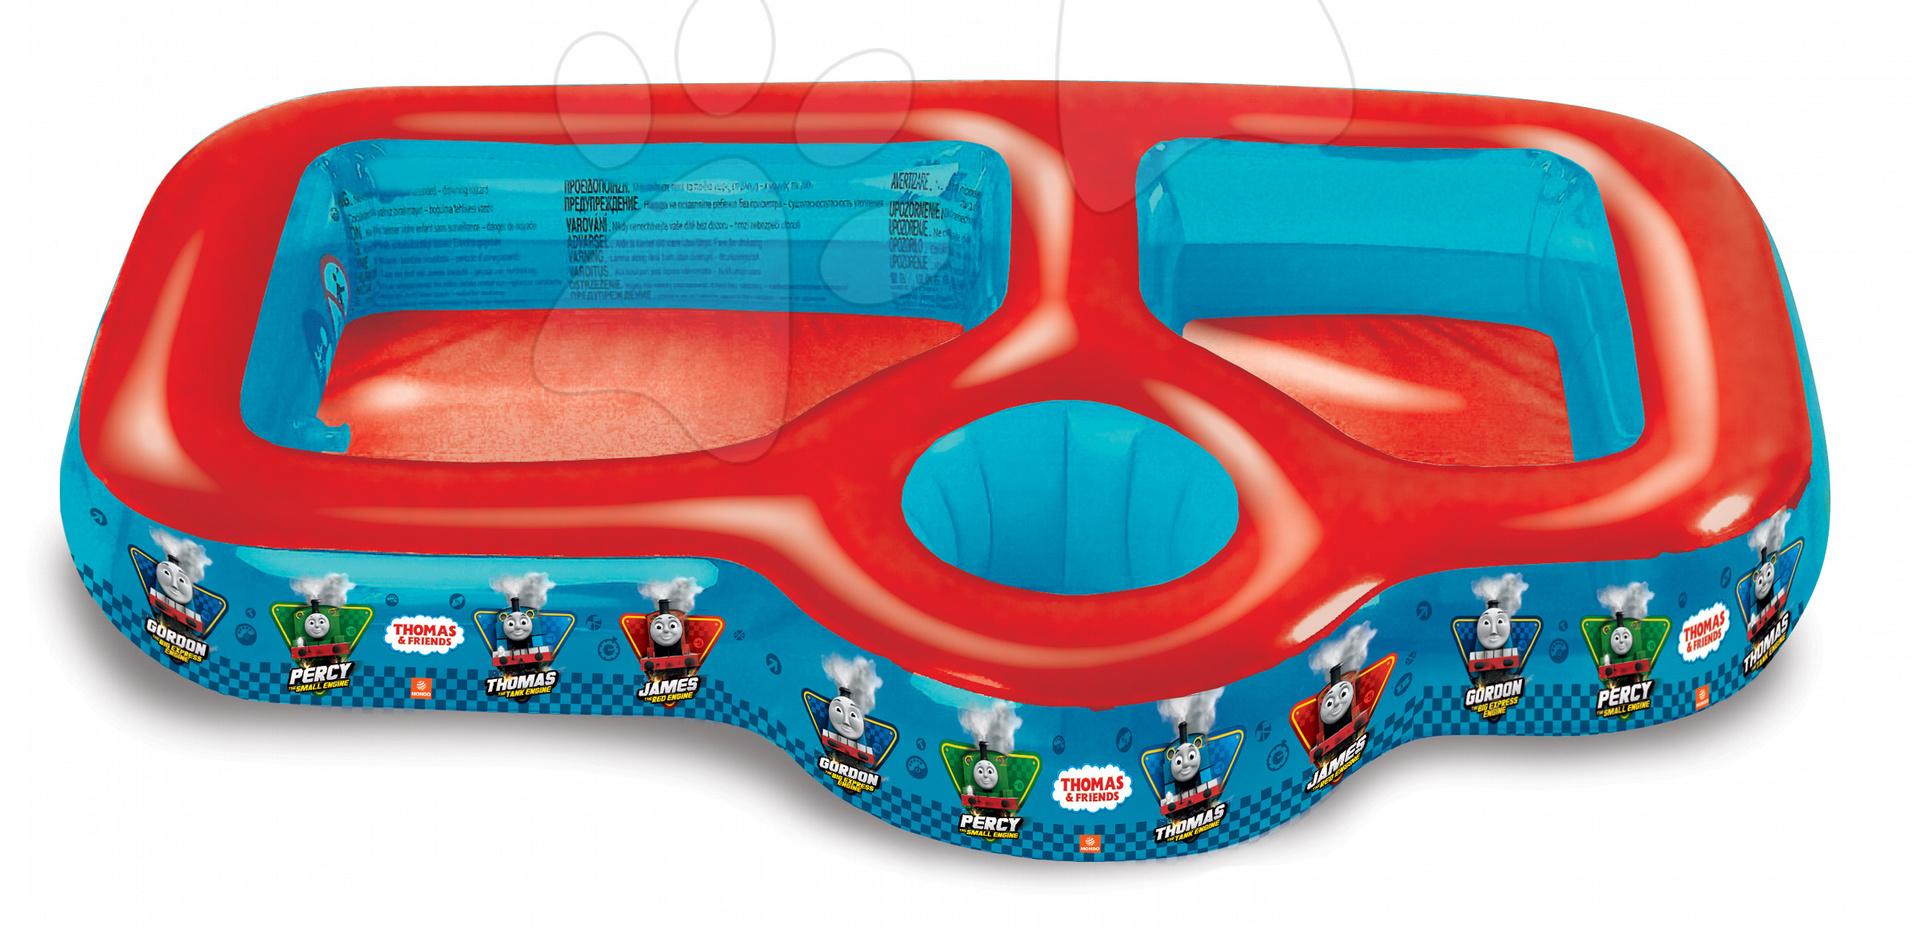 Detské bazéniky - Thomas bazén Mondo trojdielny na vodu, piesok a vedierko